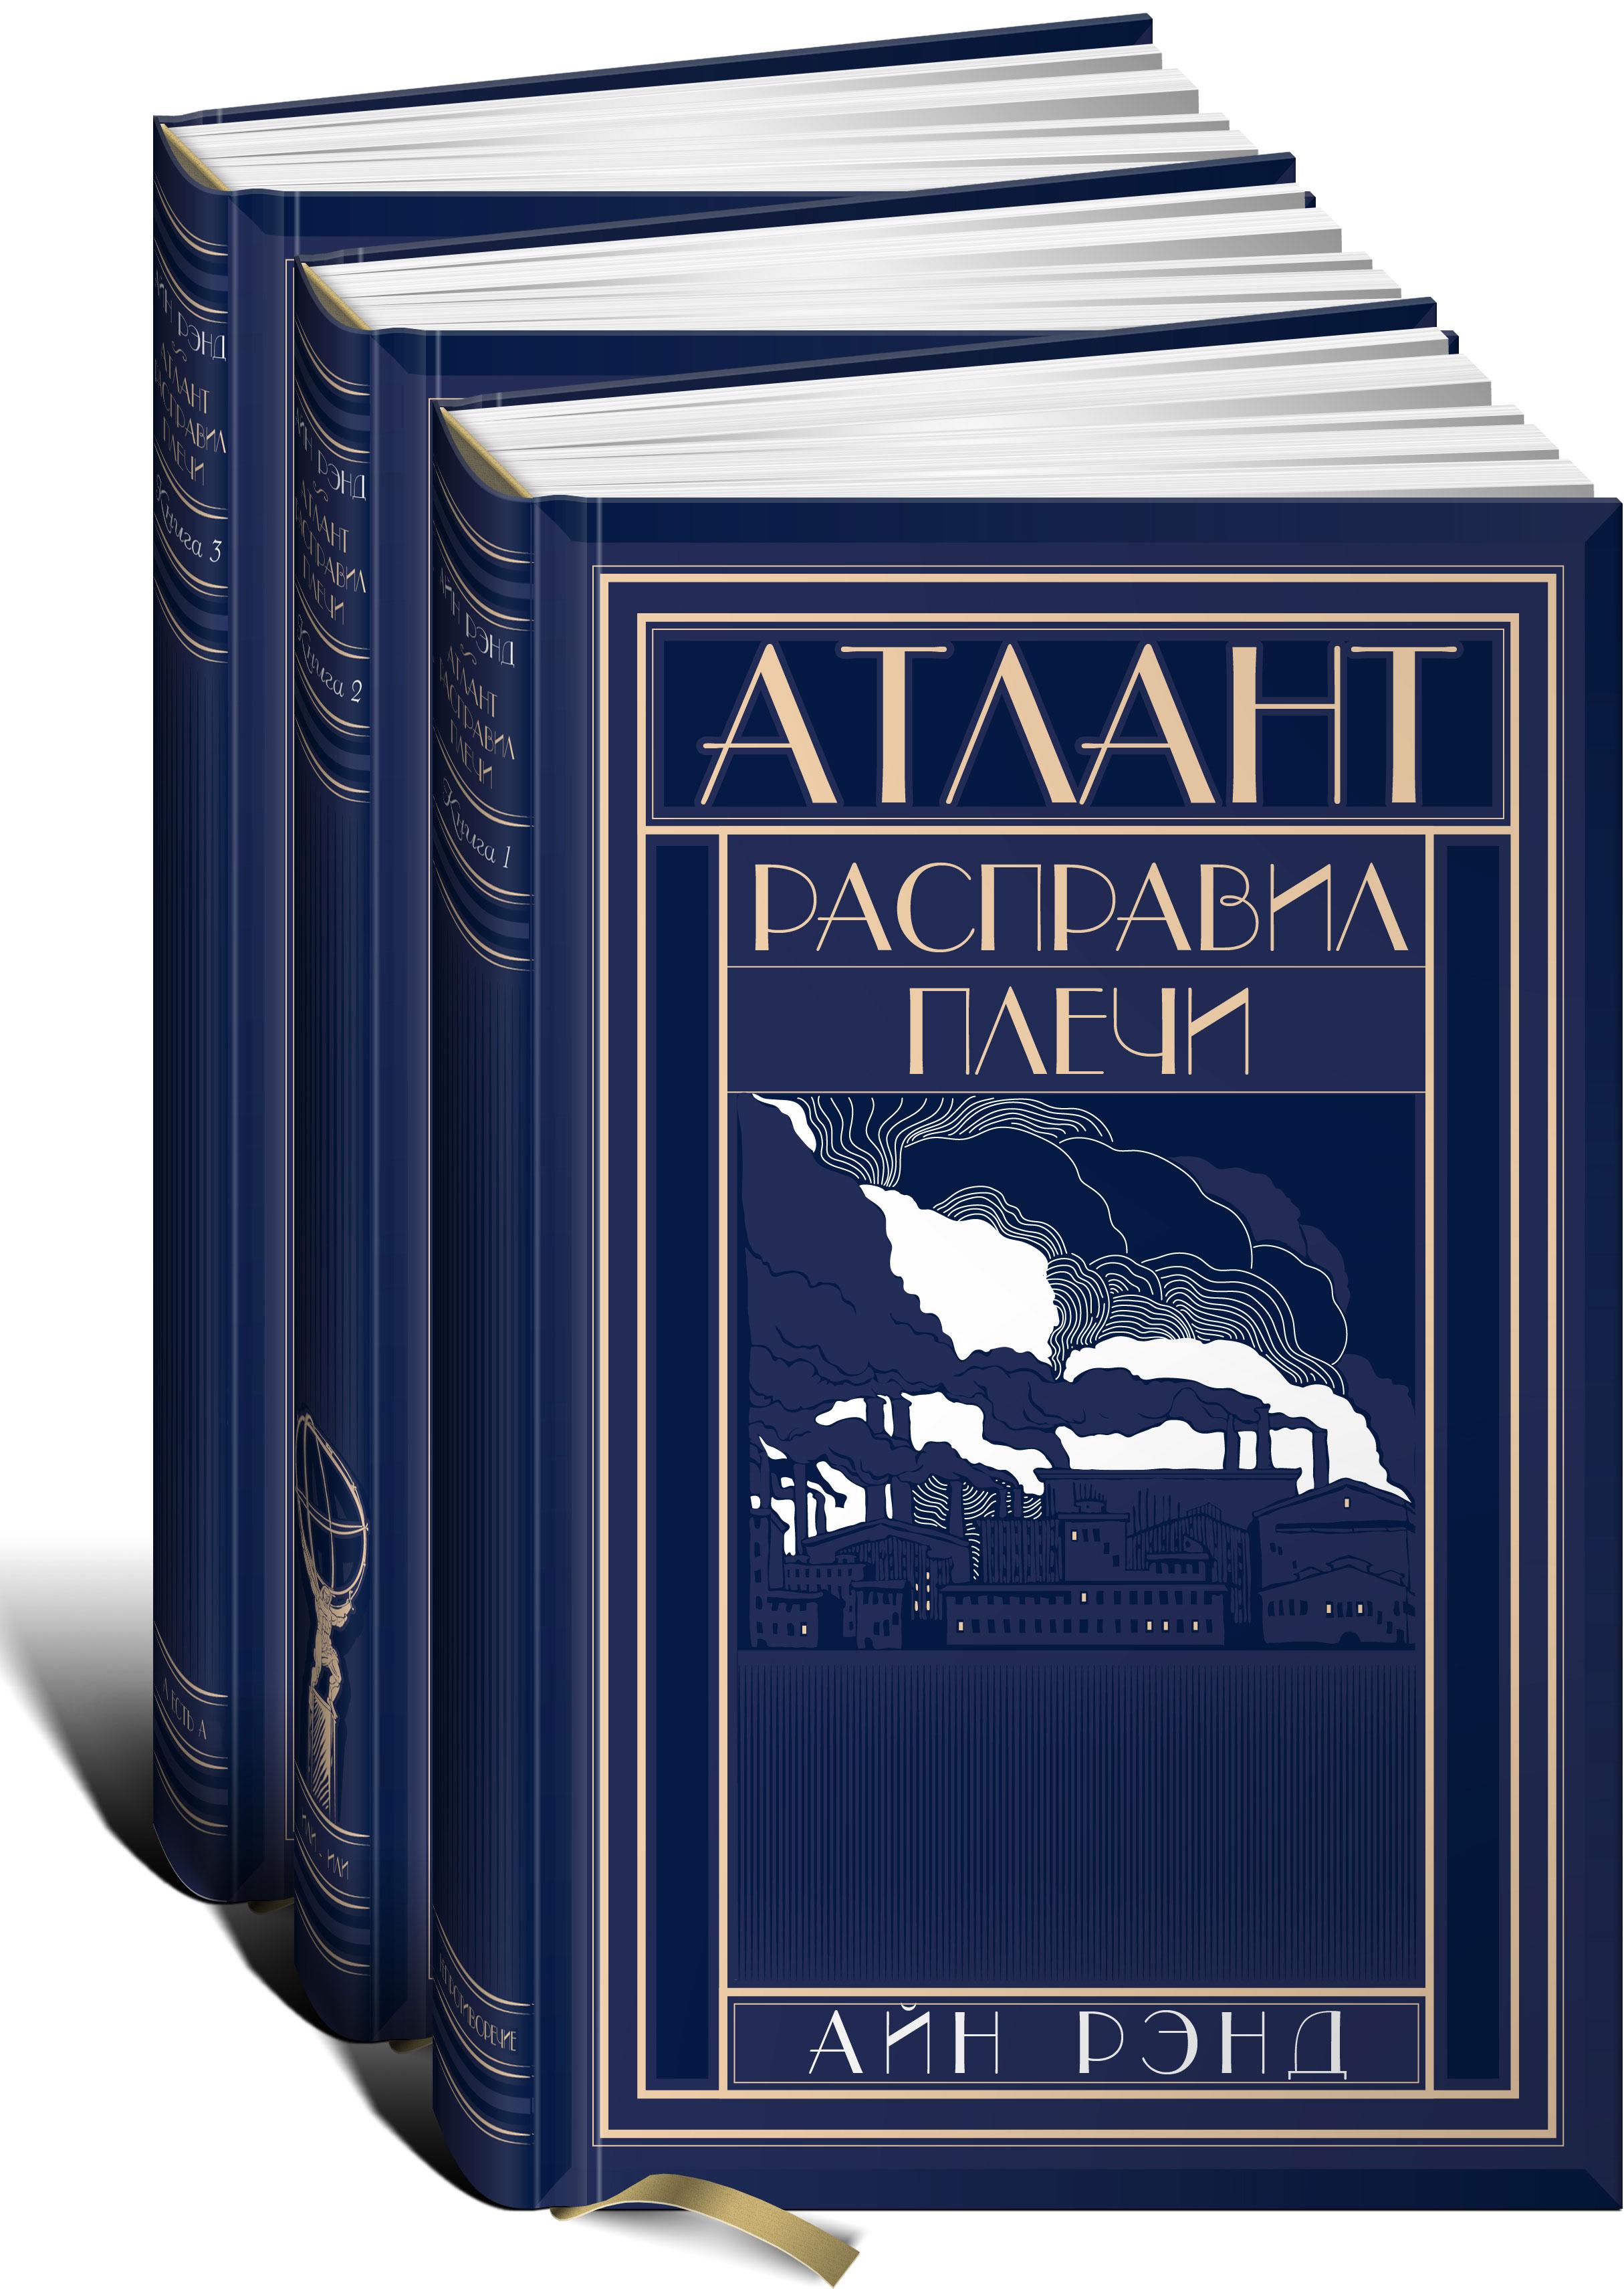 Атлант расправил плечи (подарочный комплект из 3 книг)